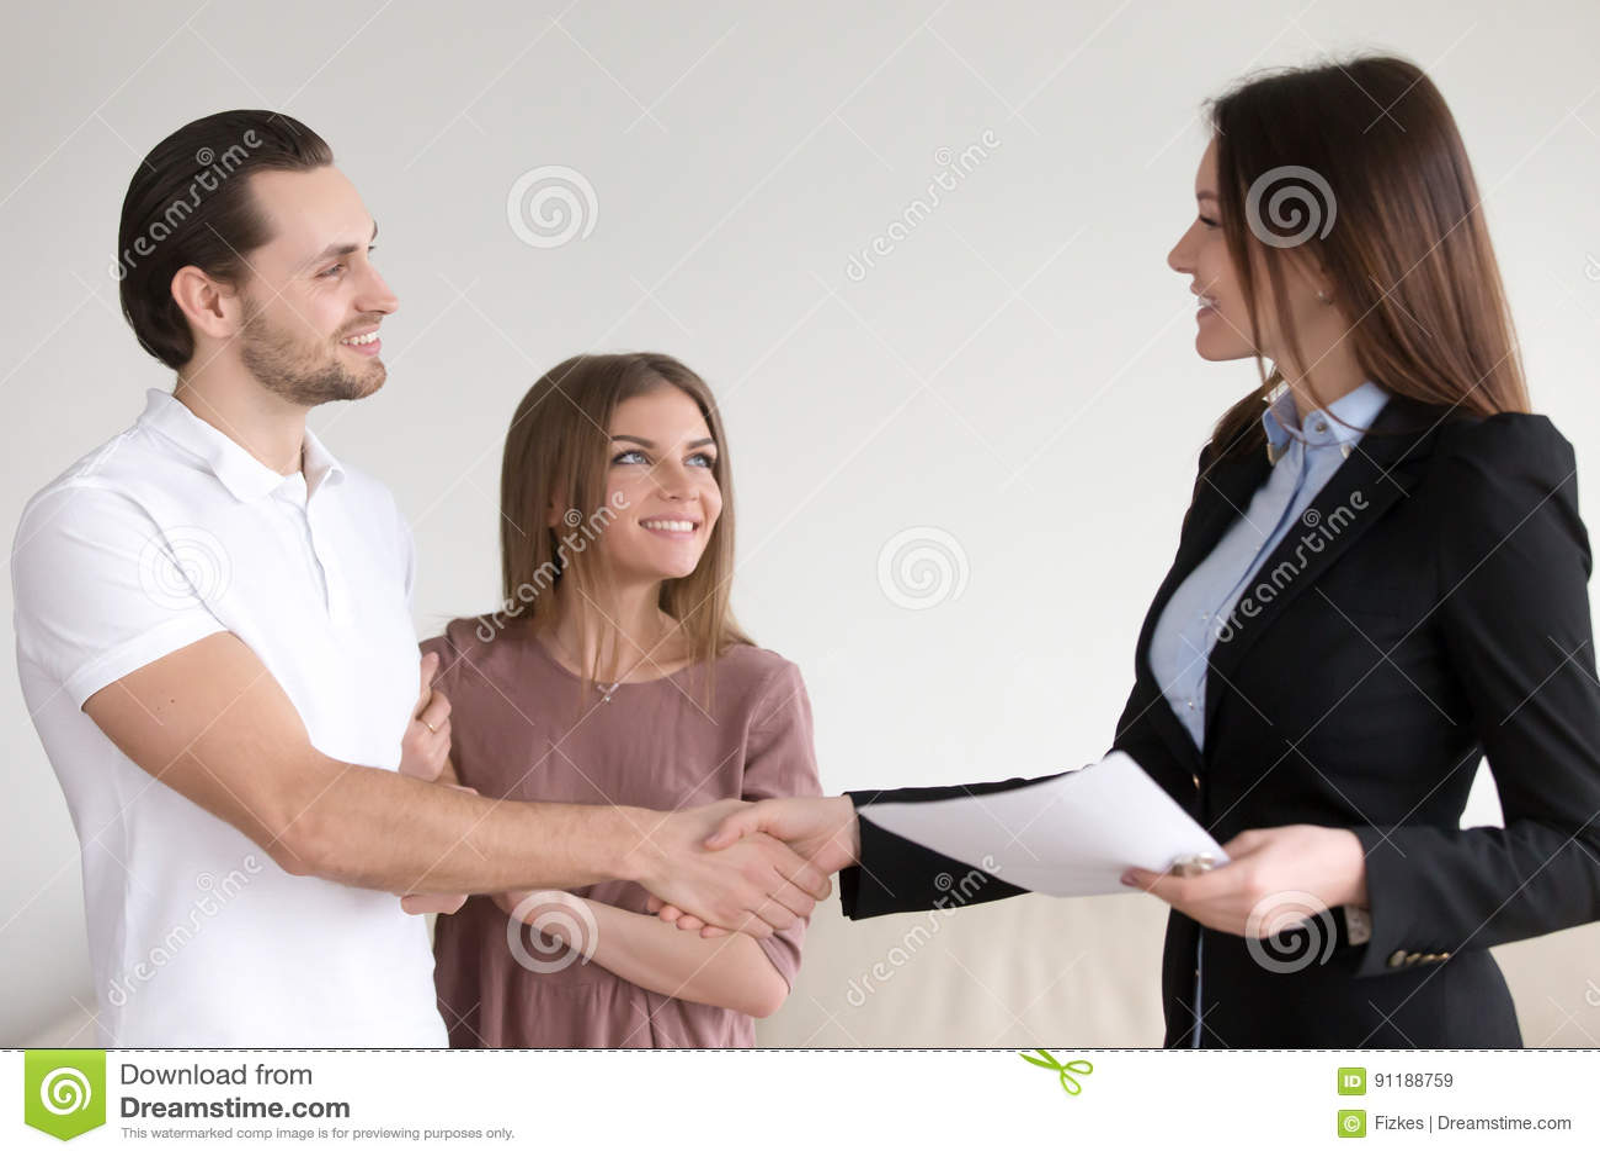 78fb7d67f4a Χέρια τινάγματος παντρεμένου ζευγαριού με το κτηματομεσίτη στο νέο ...